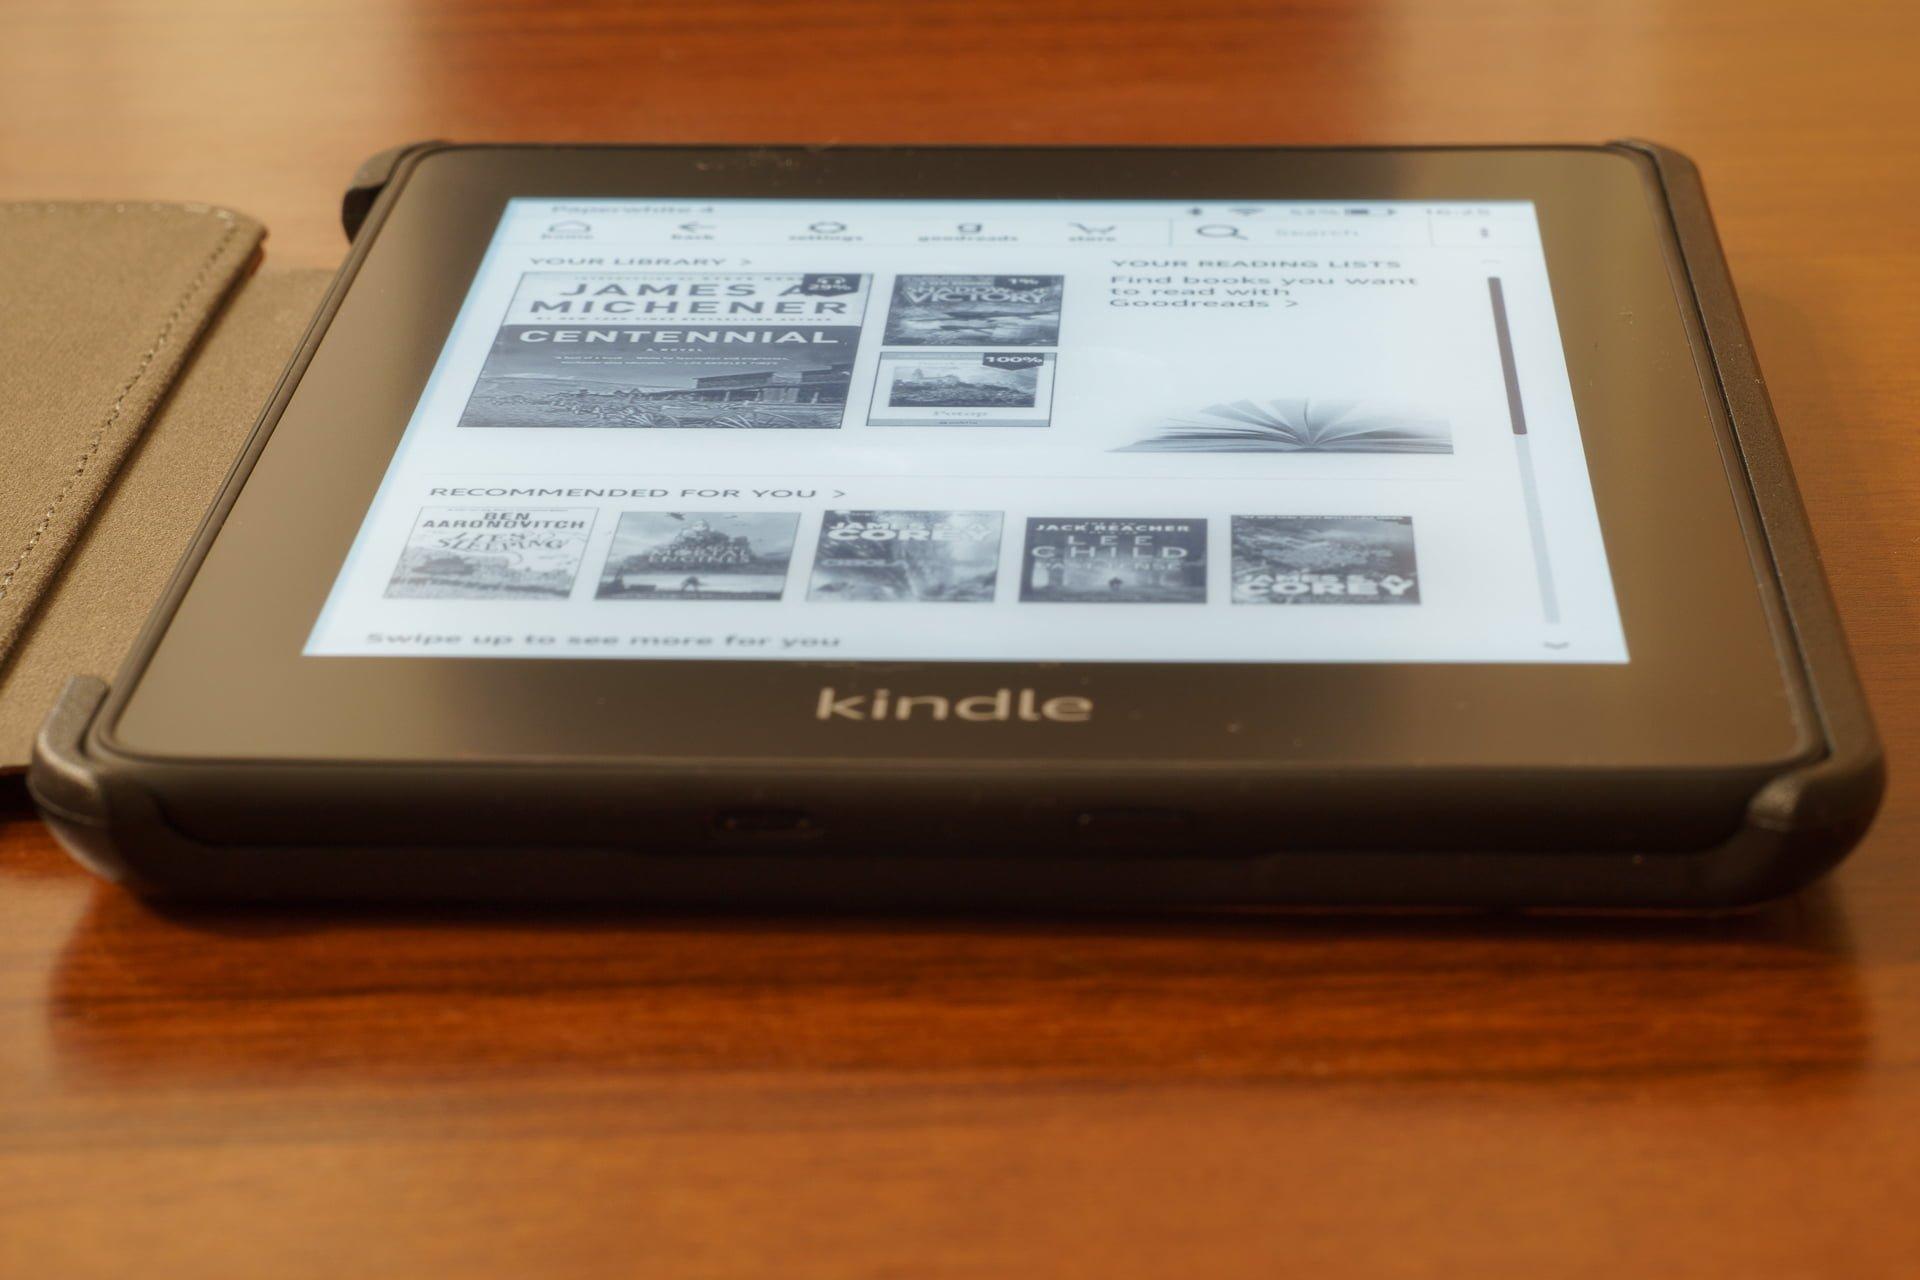 Czytniki Kindle rejestrują dotknięcia ekranu. Wszystkie dotknięcia 18